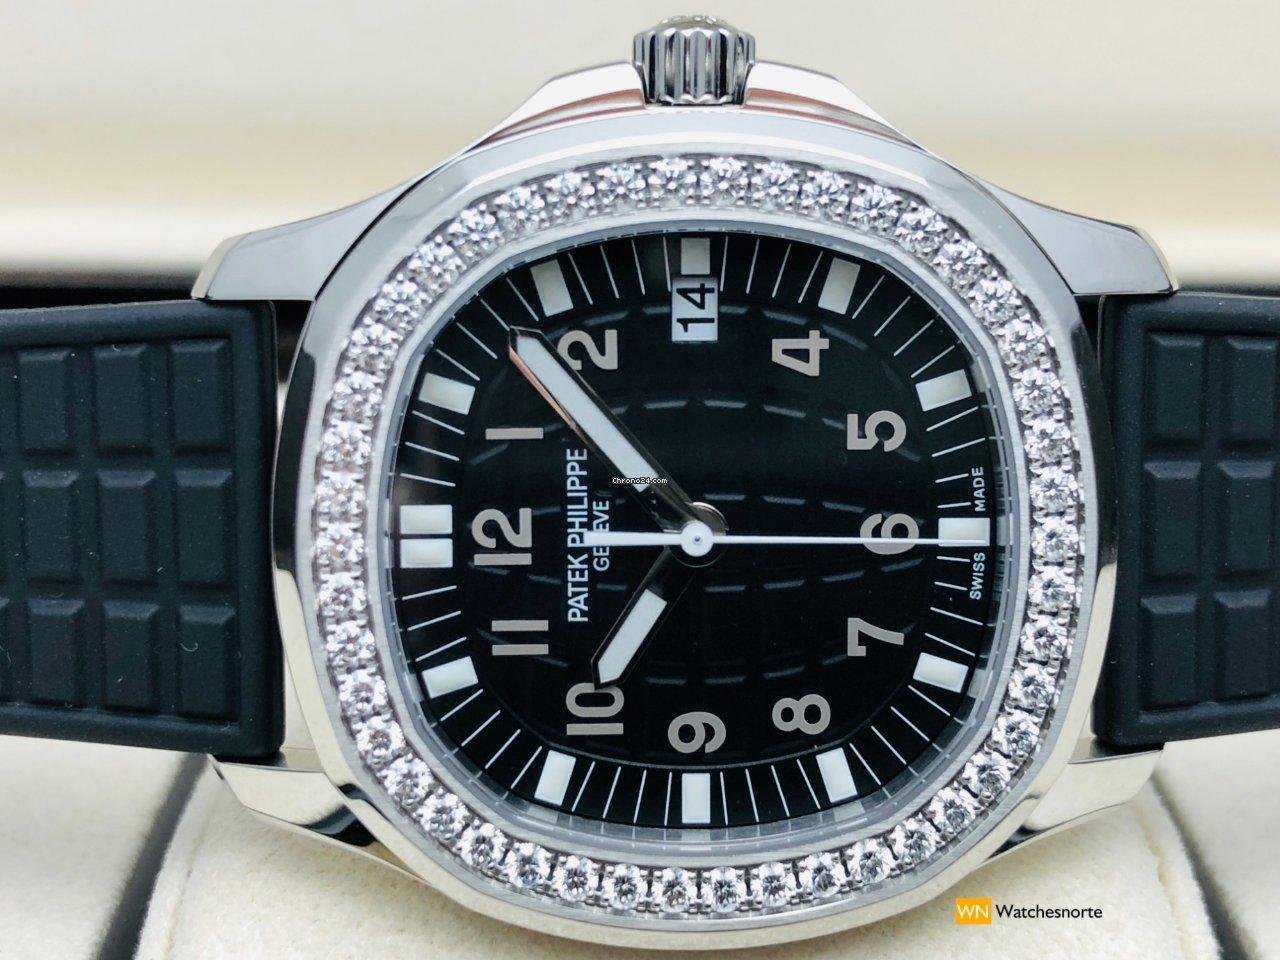 85c5f854 Relojes Patek Philippe - Precios de todos los relojes Patek Philippe en  Chrono24